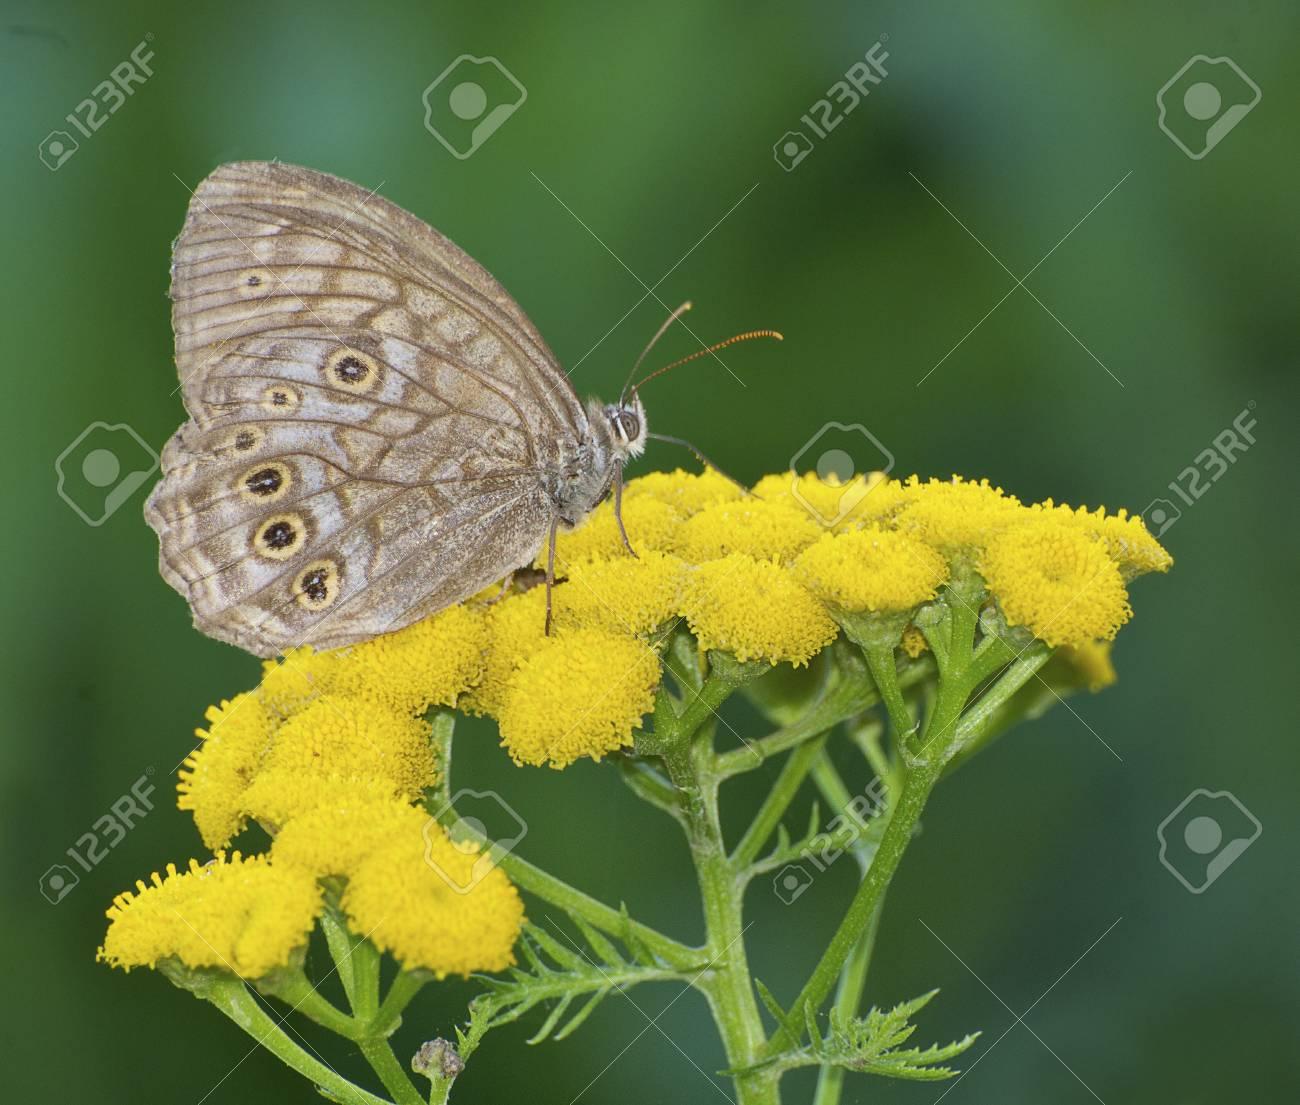 Fiori Gialli Foto.Immagini Stock Farfalla Di Brown Sui Fiori Gialli Con La